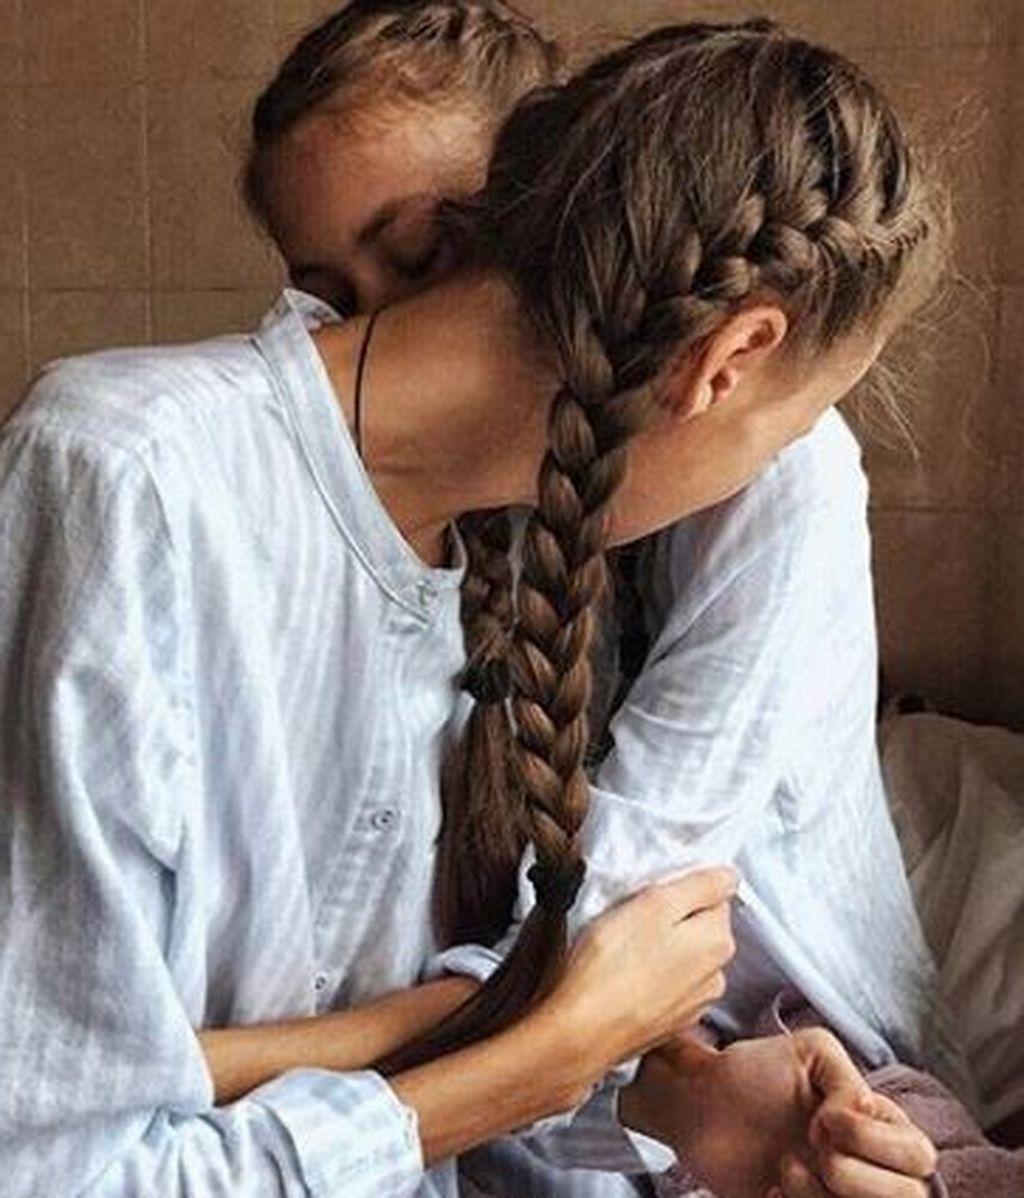 Hospitalizan por anorexia a dos modelos gemelas tras obligarlas a adelgazar